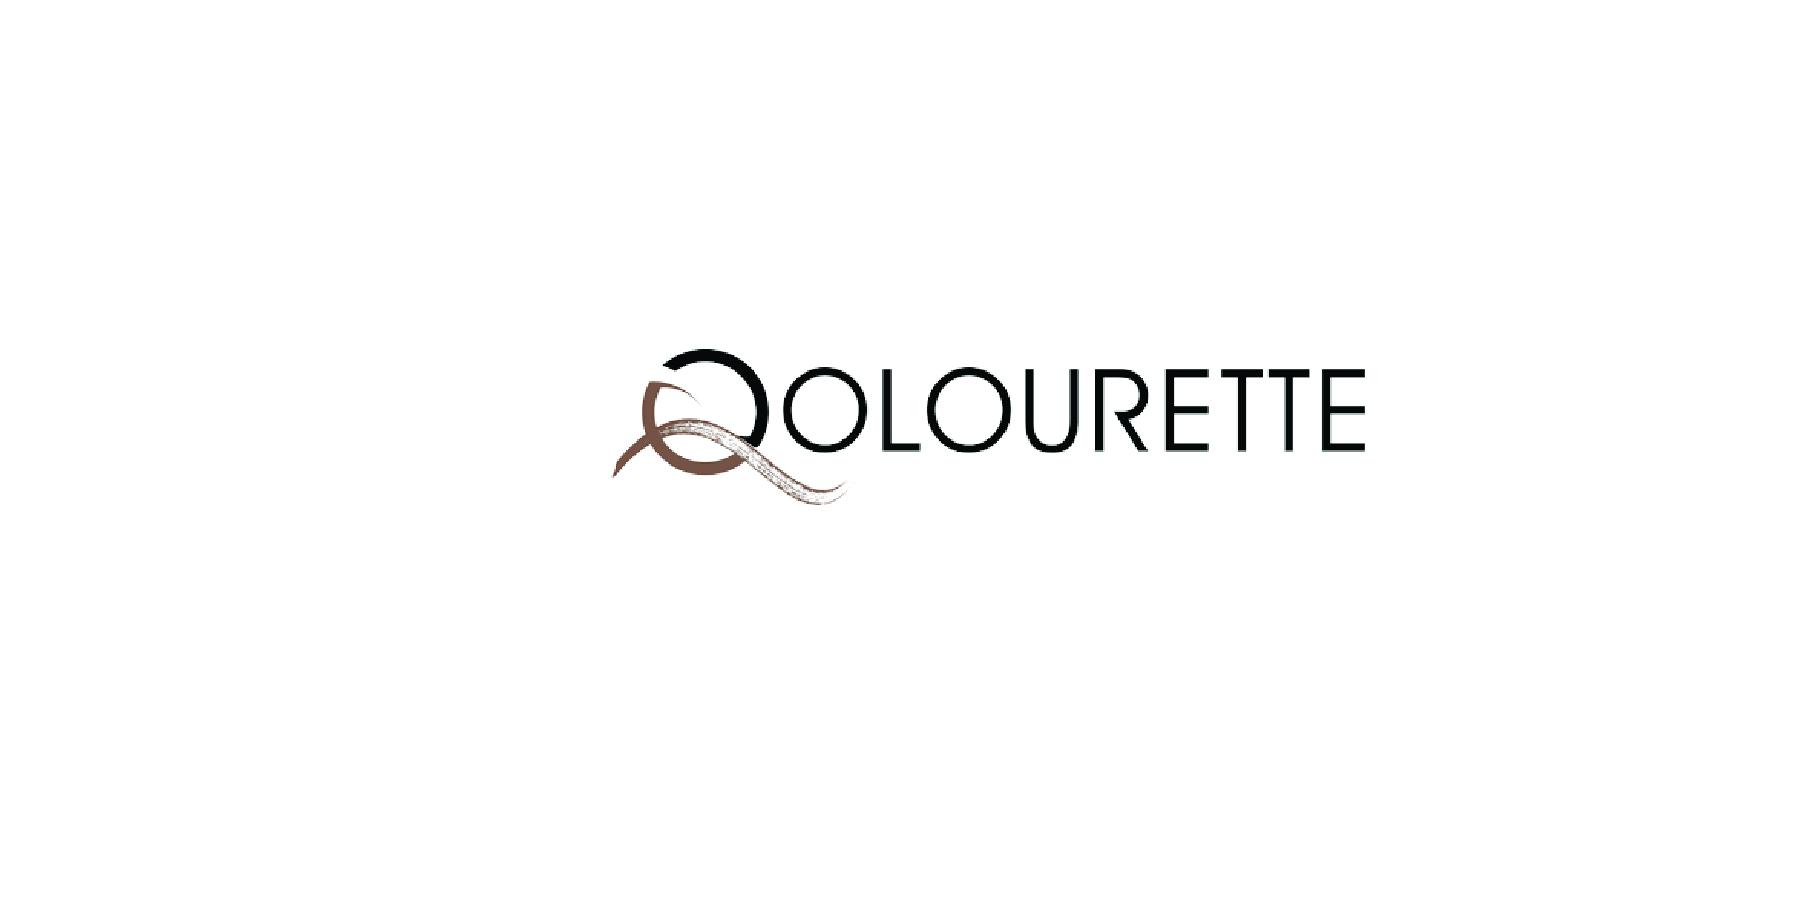 qolourette-01.jpg